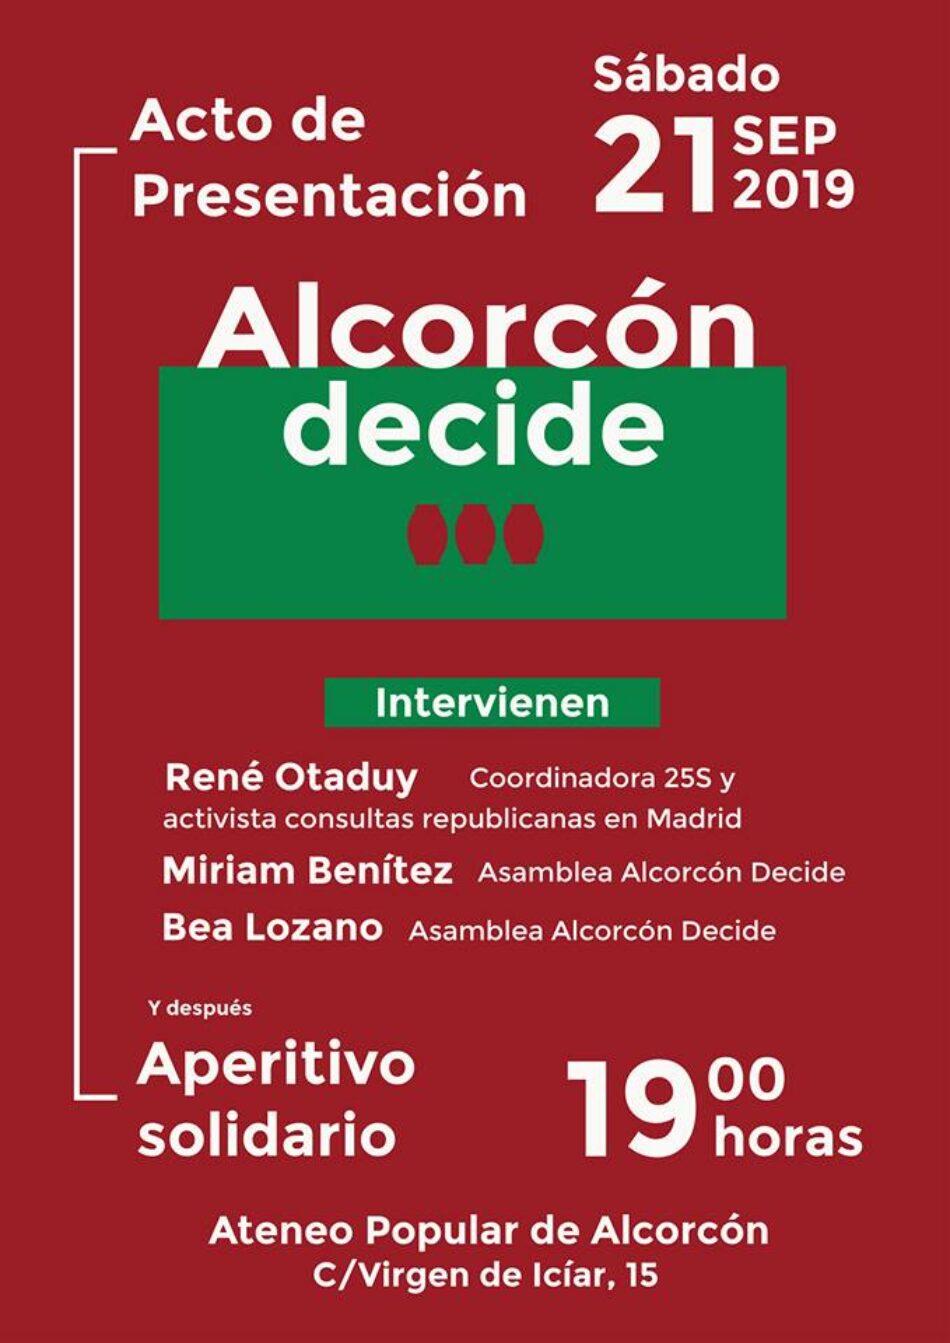 Alcorcón Decide presenta su consulta republicana esta tarde en el Ateneo Popular